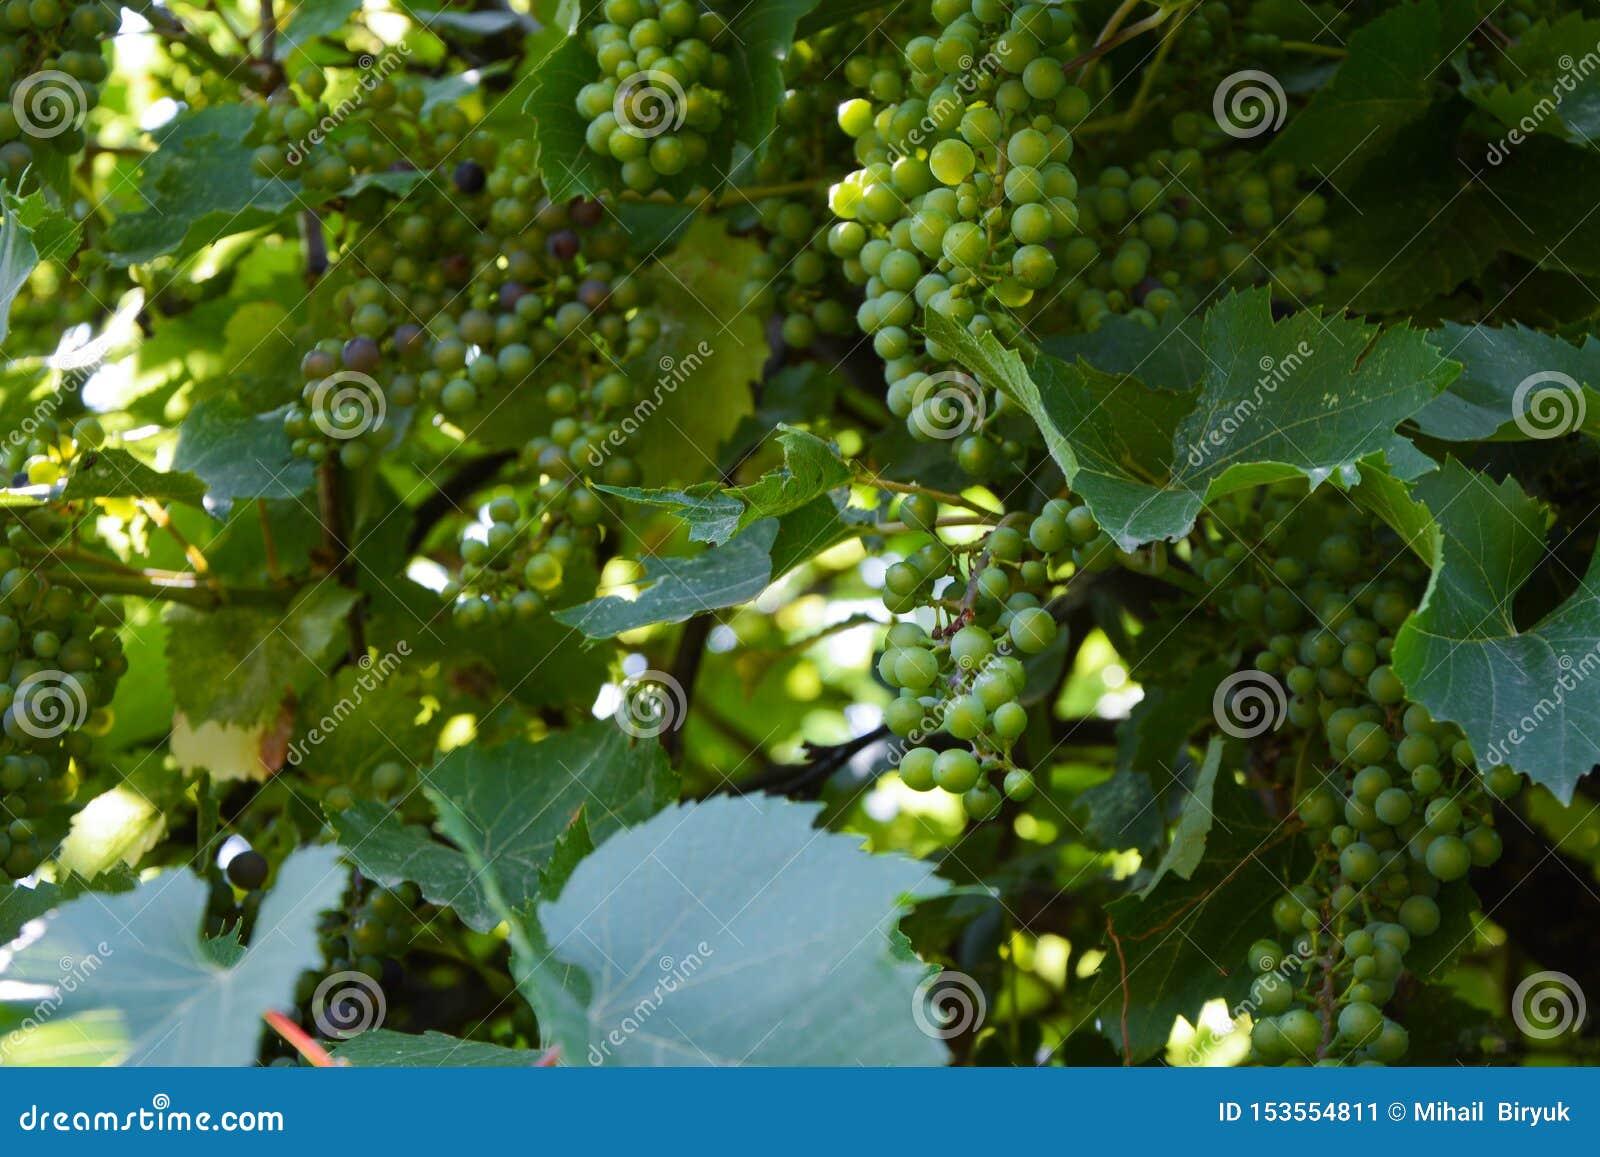 Winorośl na pogodnym, zielonym tle w ogródzie,